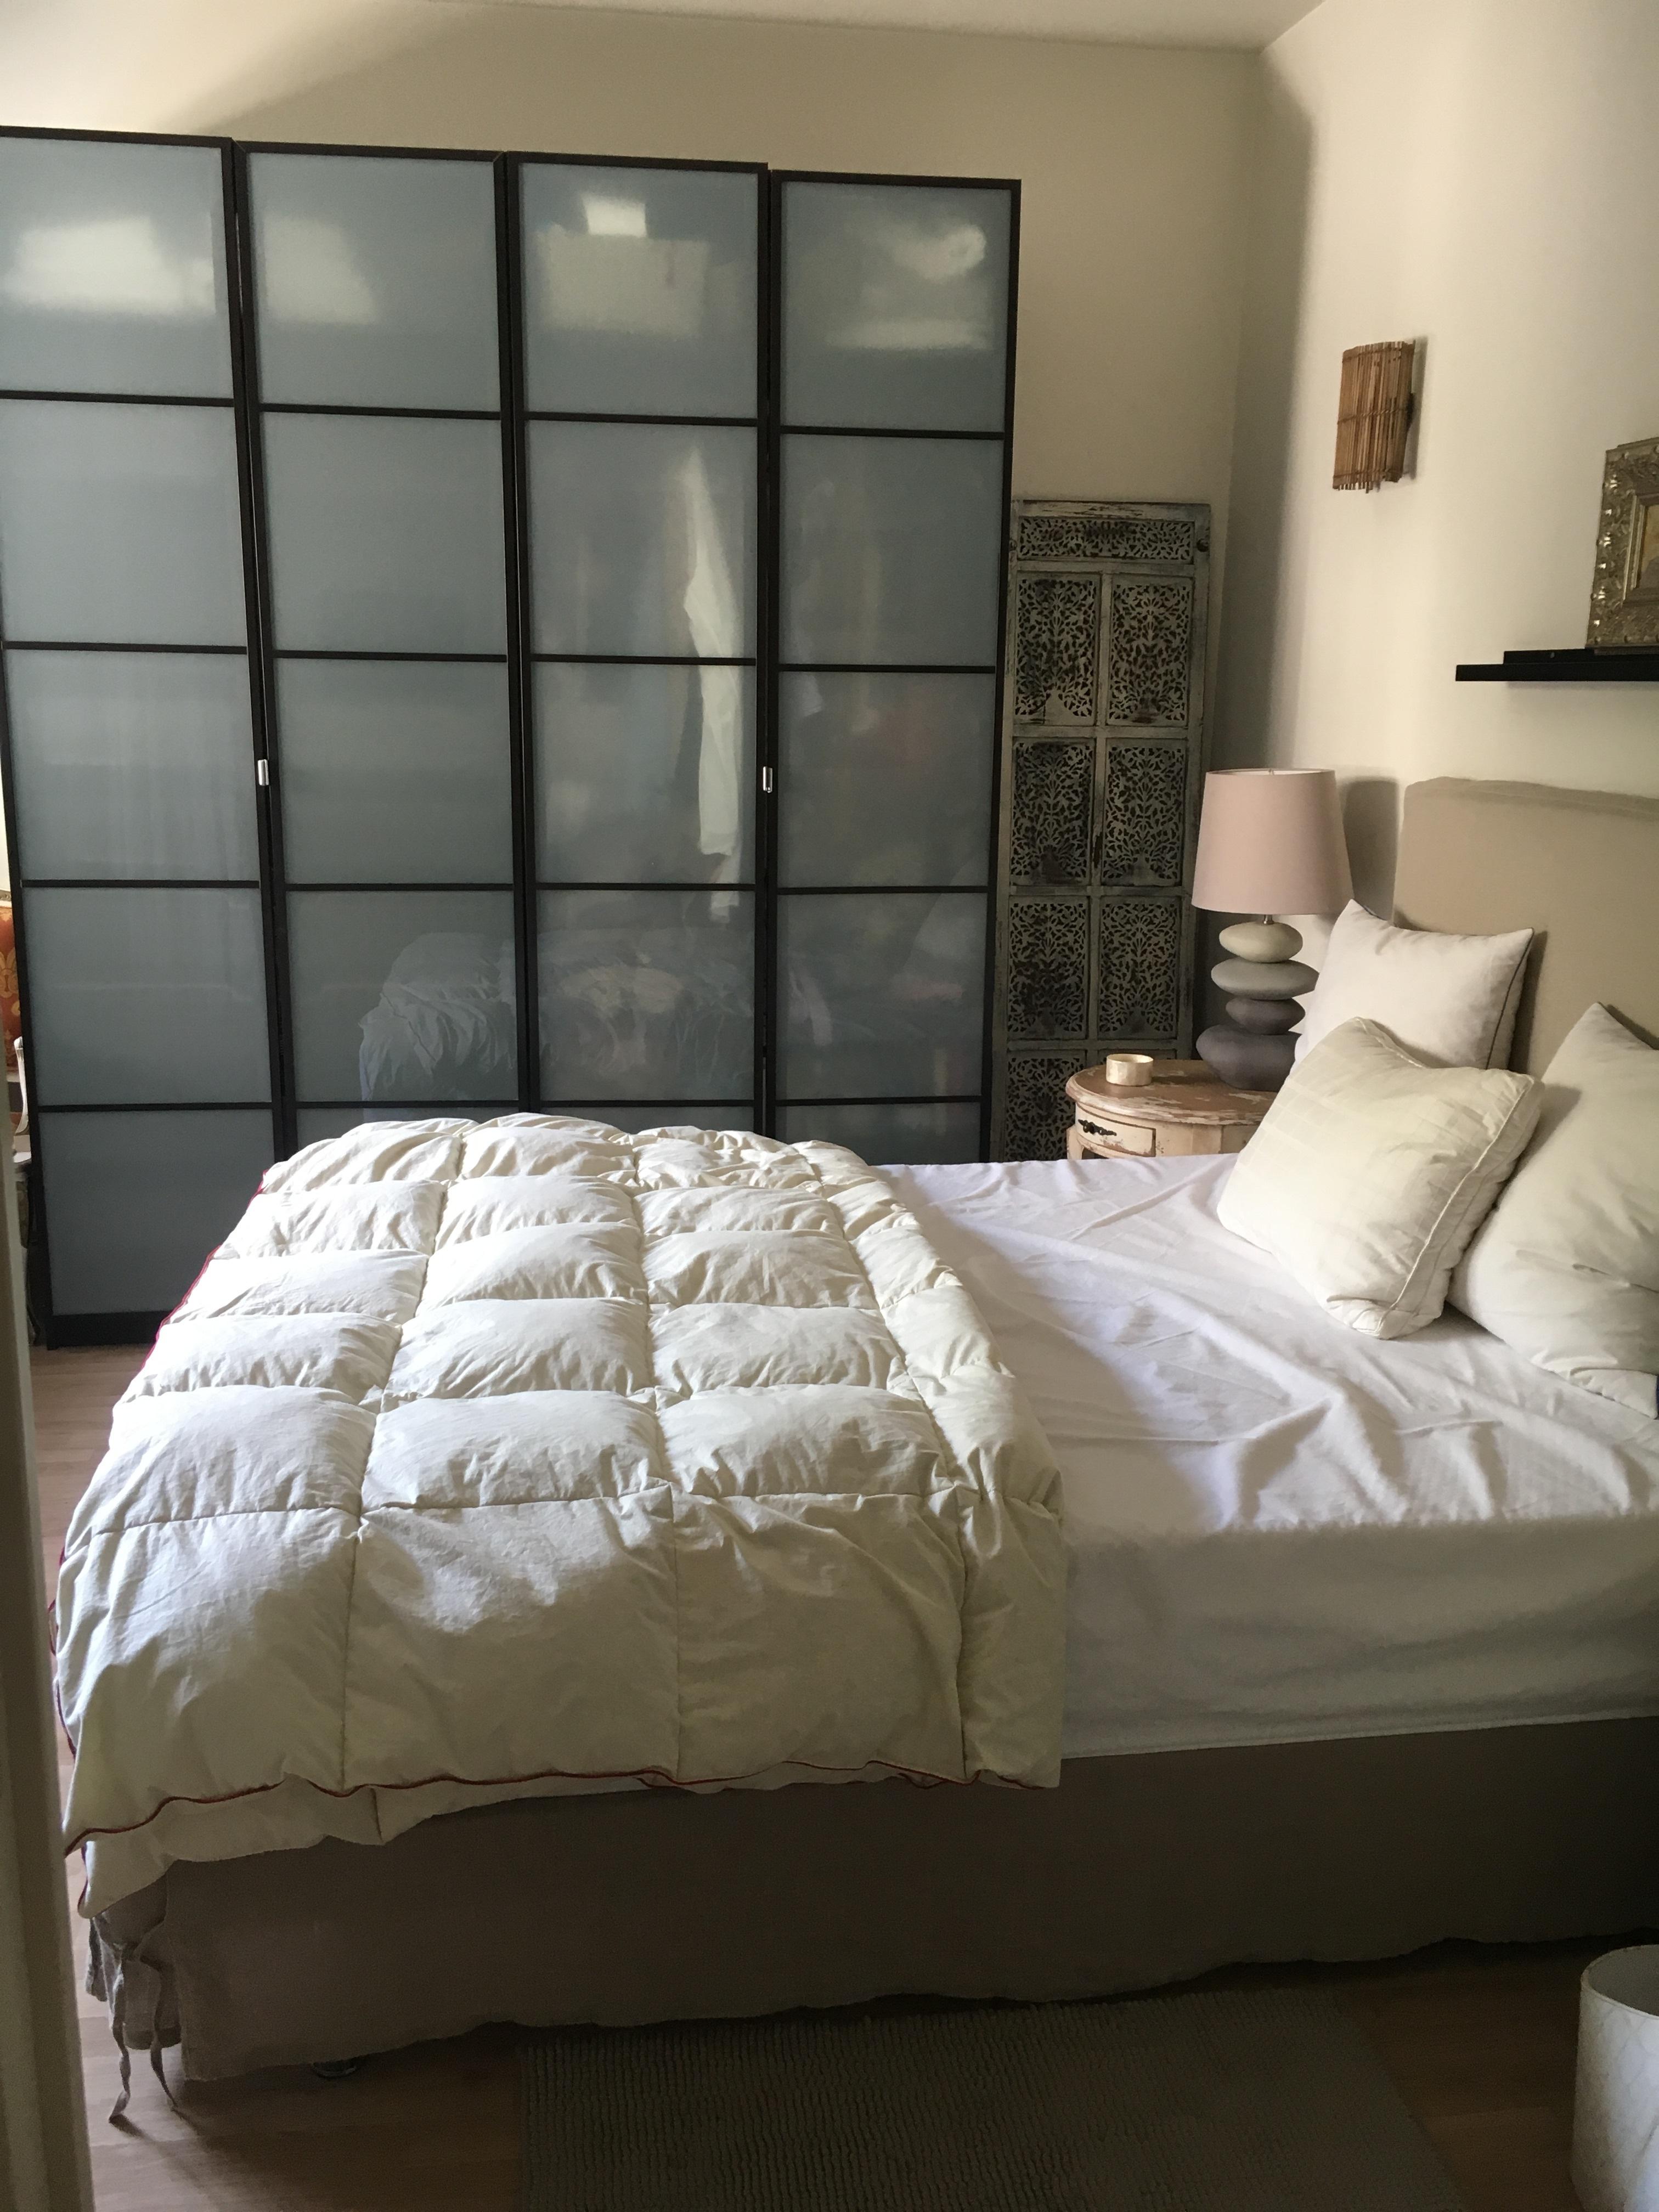 Fotos gratis : piso, interior, propiedad, mueble, habitación, Cuarto ...